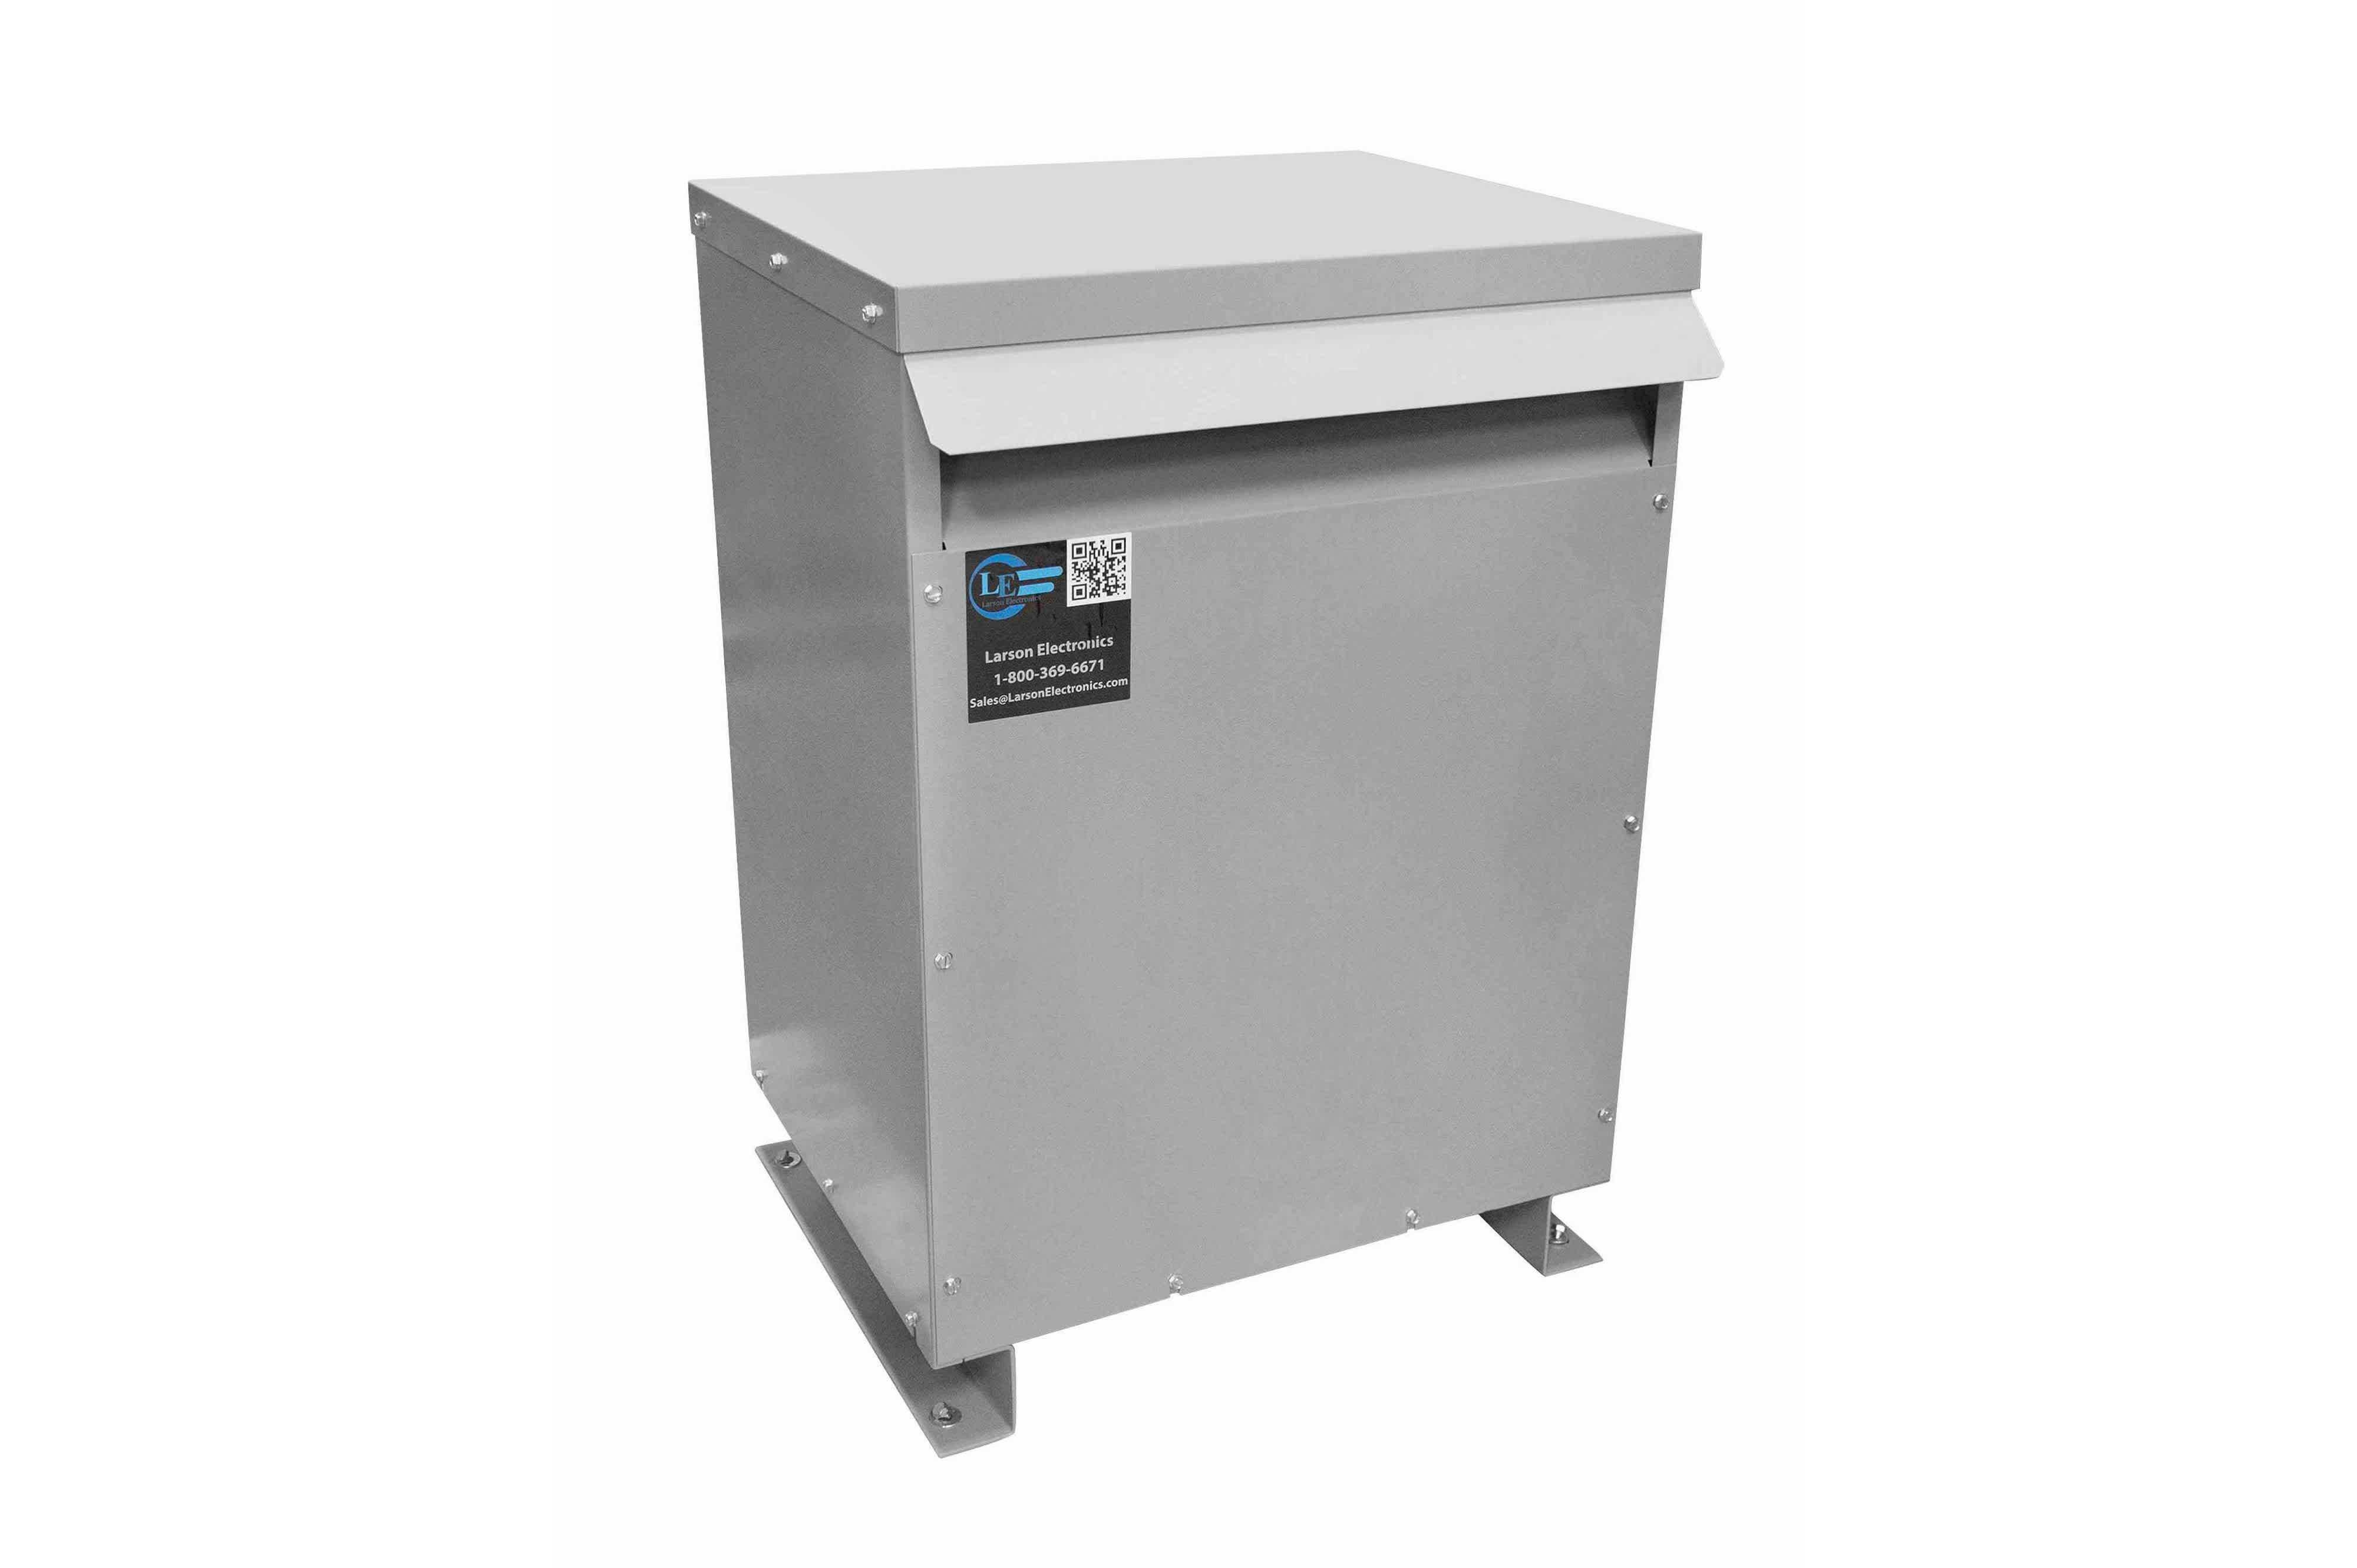 29 kVA 3PH Isolation Transformer, 230V Delta Primary, 208V Delta Secondary, N3R, Ventilated, 60 Hz